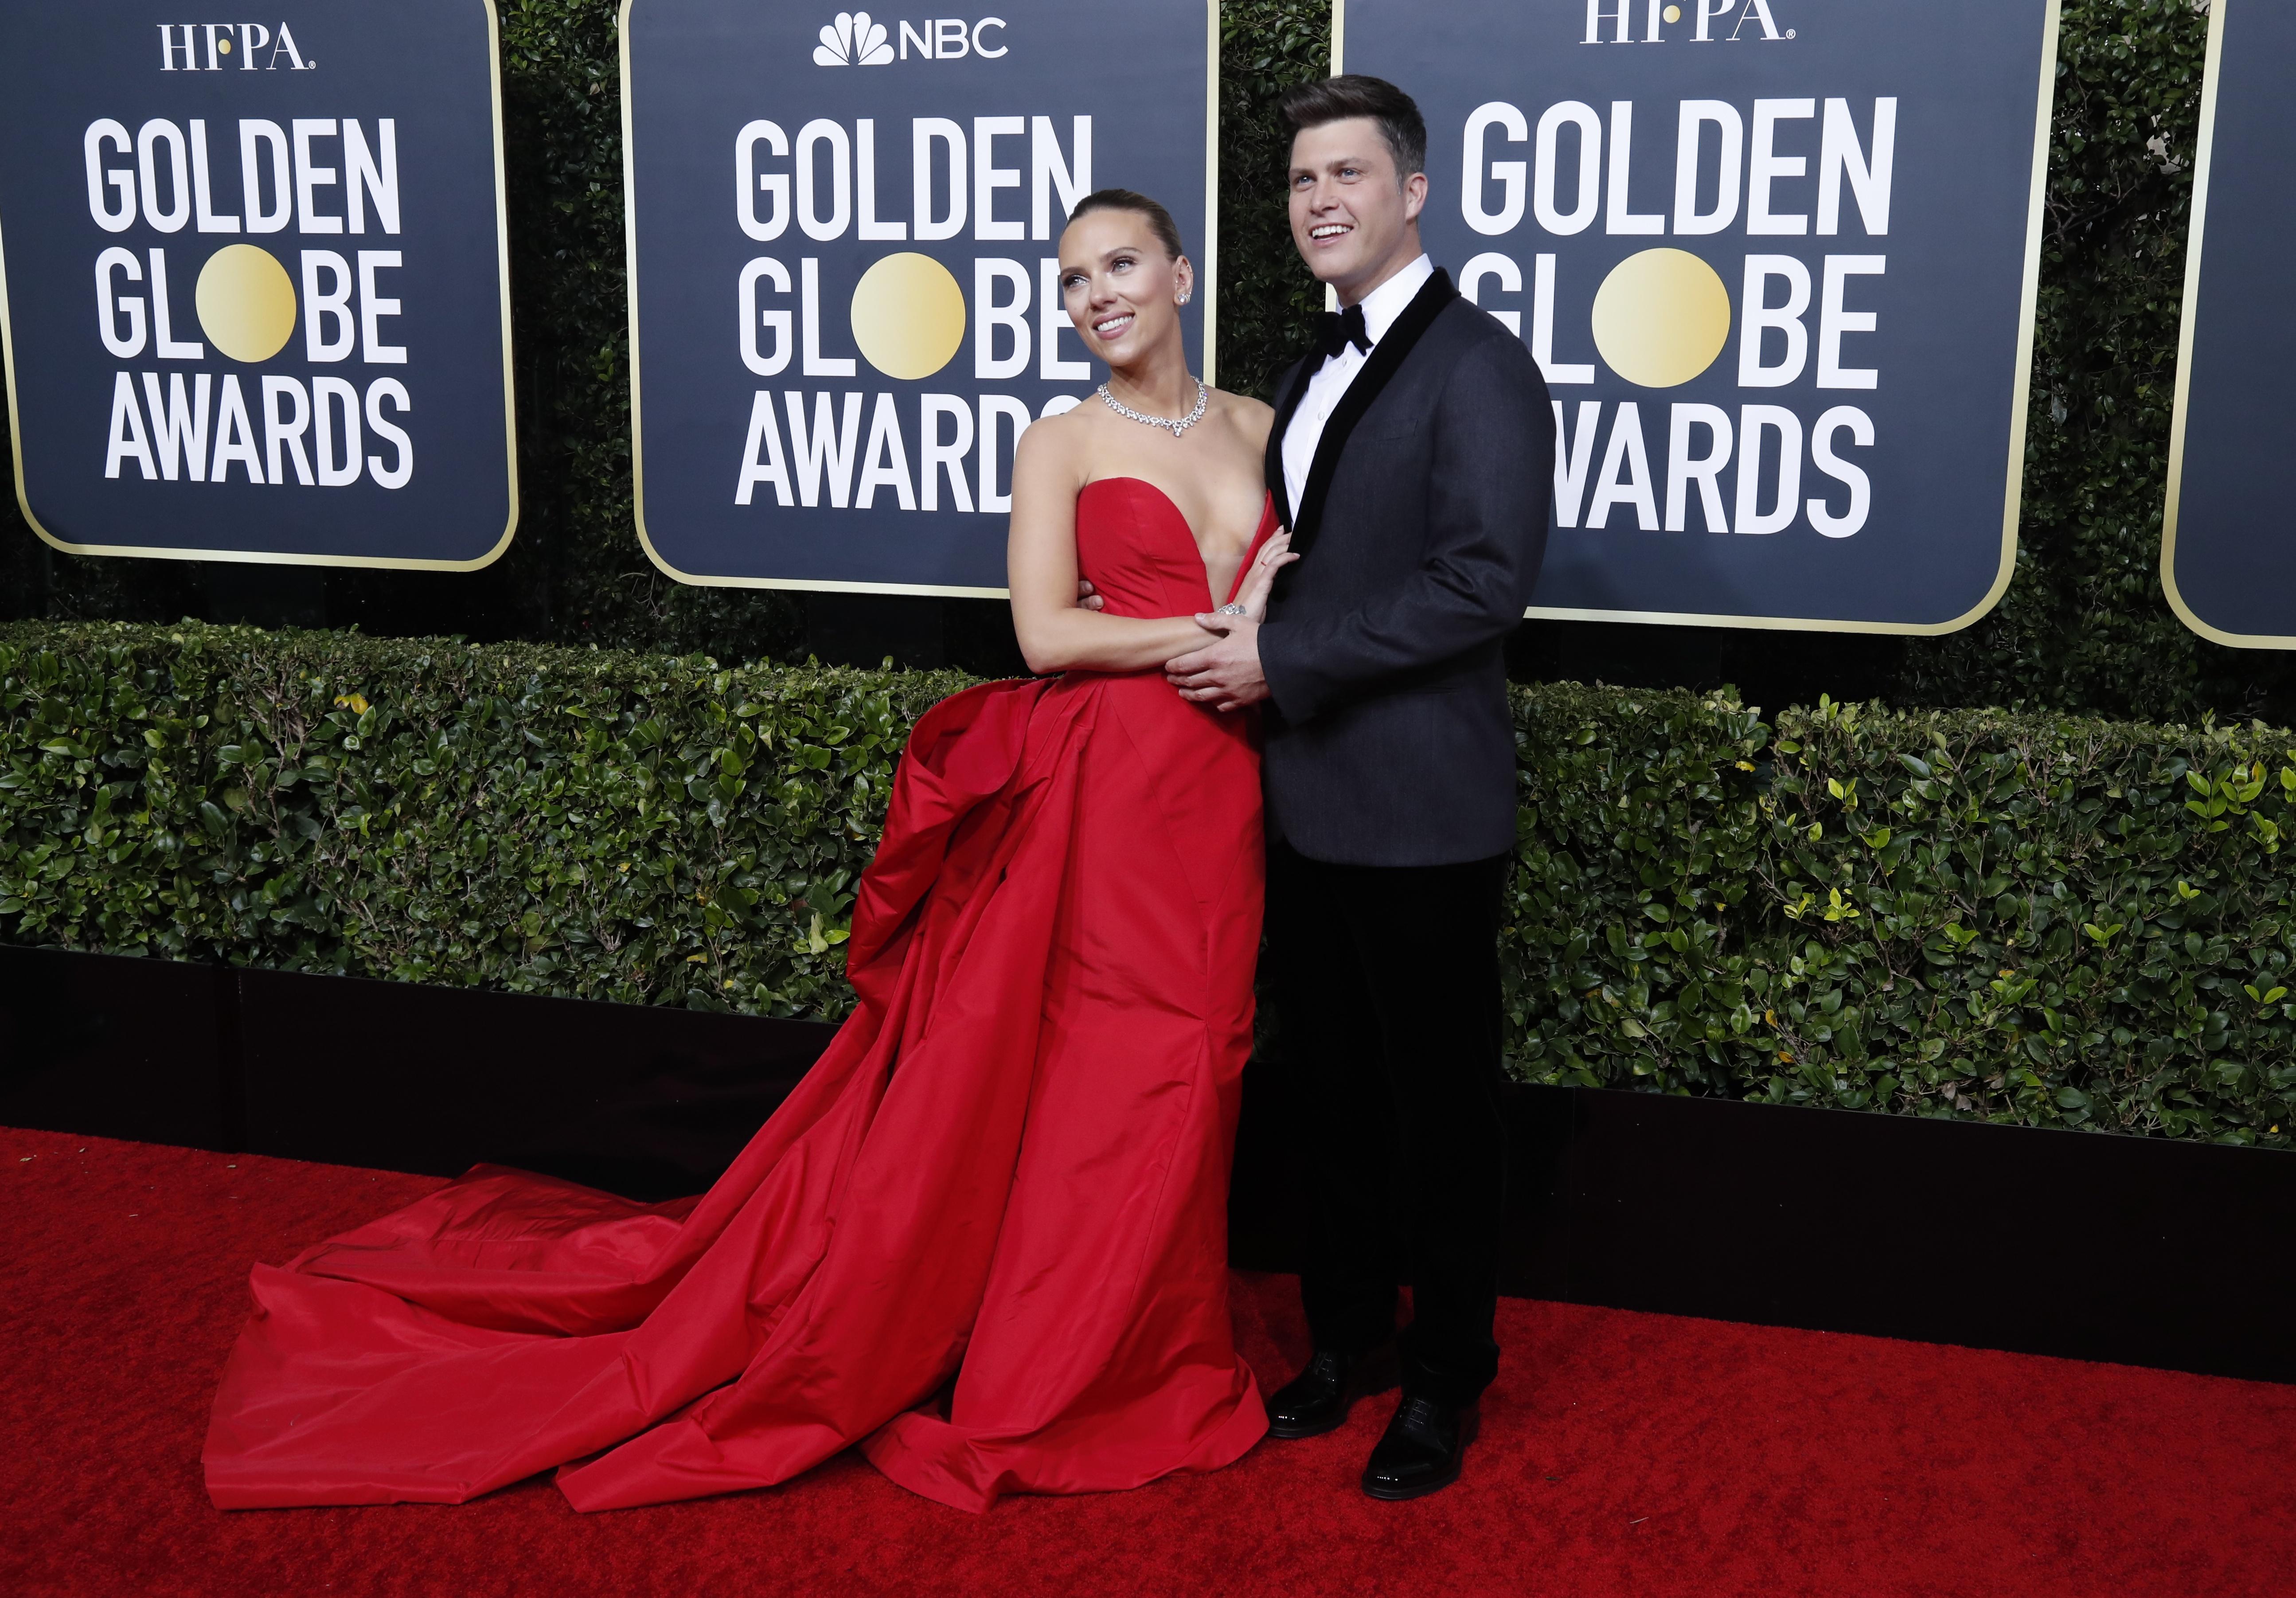 Scarlett Johansson y Colin Jost. Él lució un black tie de saco combinado con chiffón. La actriz optó por un vestido de tafetán rojo sirena con gran escote V y cola. Completó su look con gargantilla de brillantes y pequeños aros